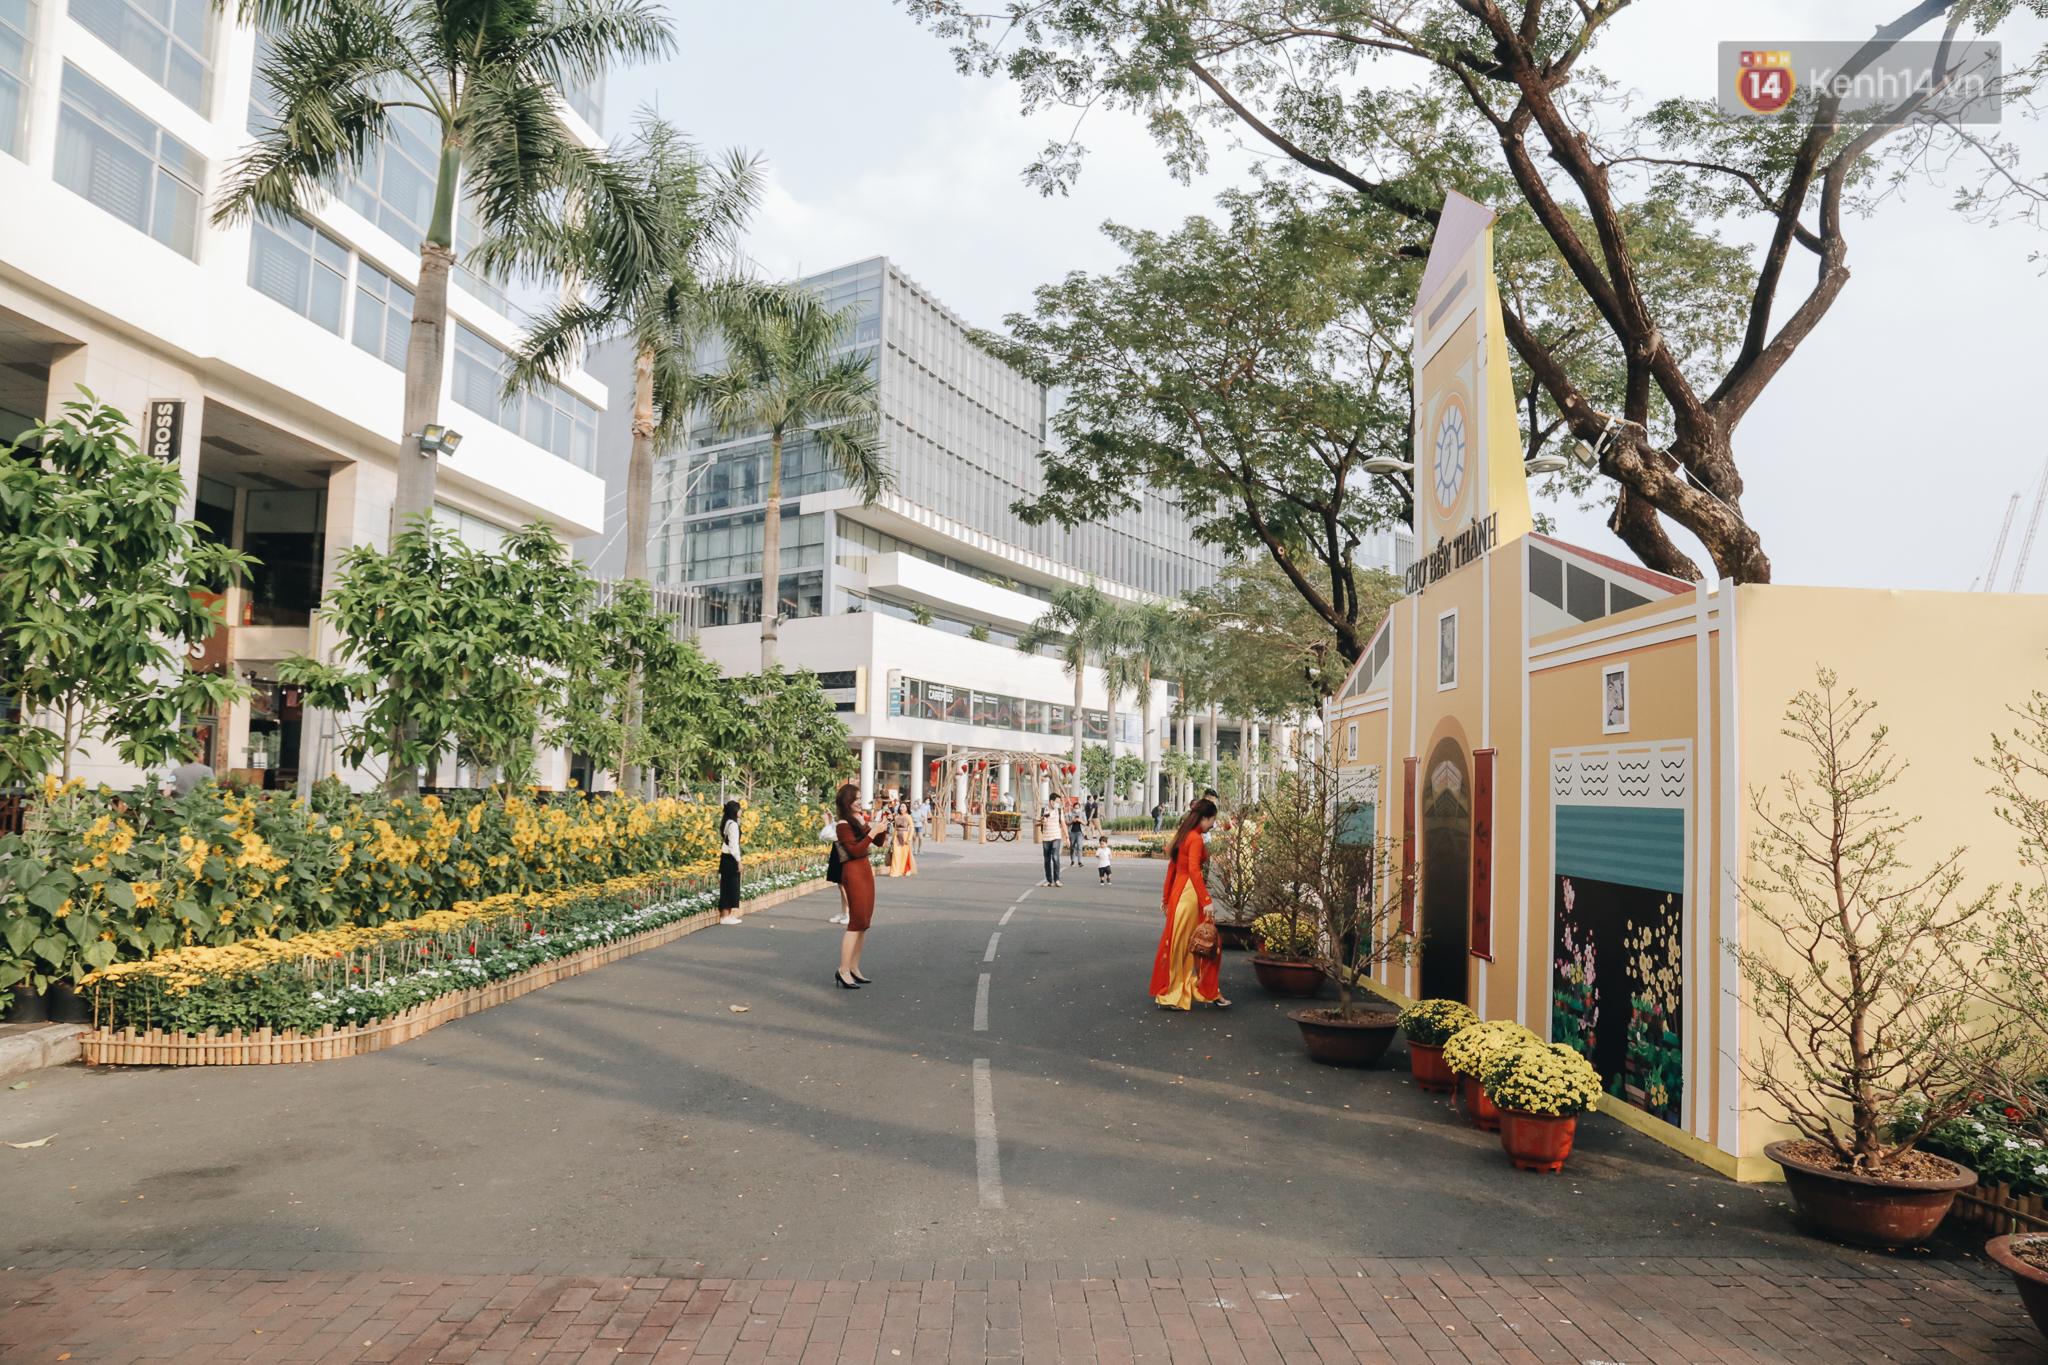 Cận cảnh đường hoa Tết Tân Sửu 2021 phong cách tối giản tại phố nhà giàu Sài Gòn - Ảnh 3.